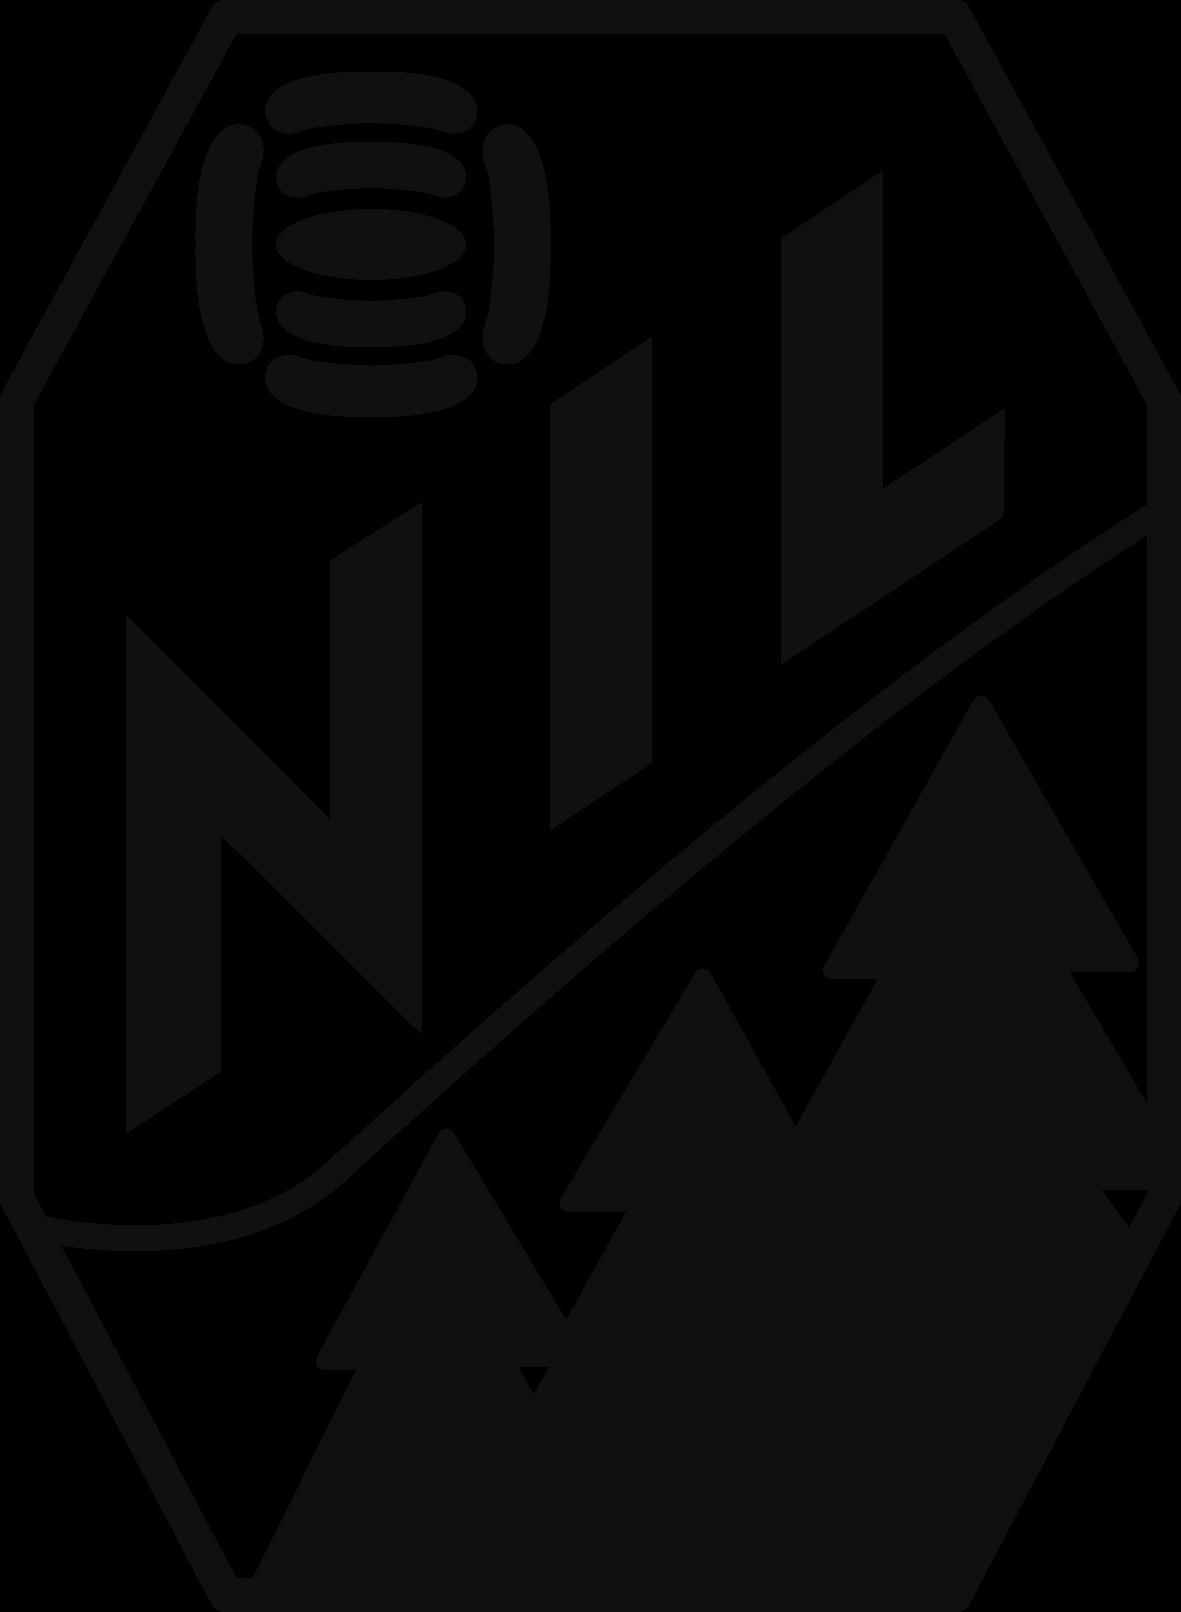 Logo_NIL_sort.png